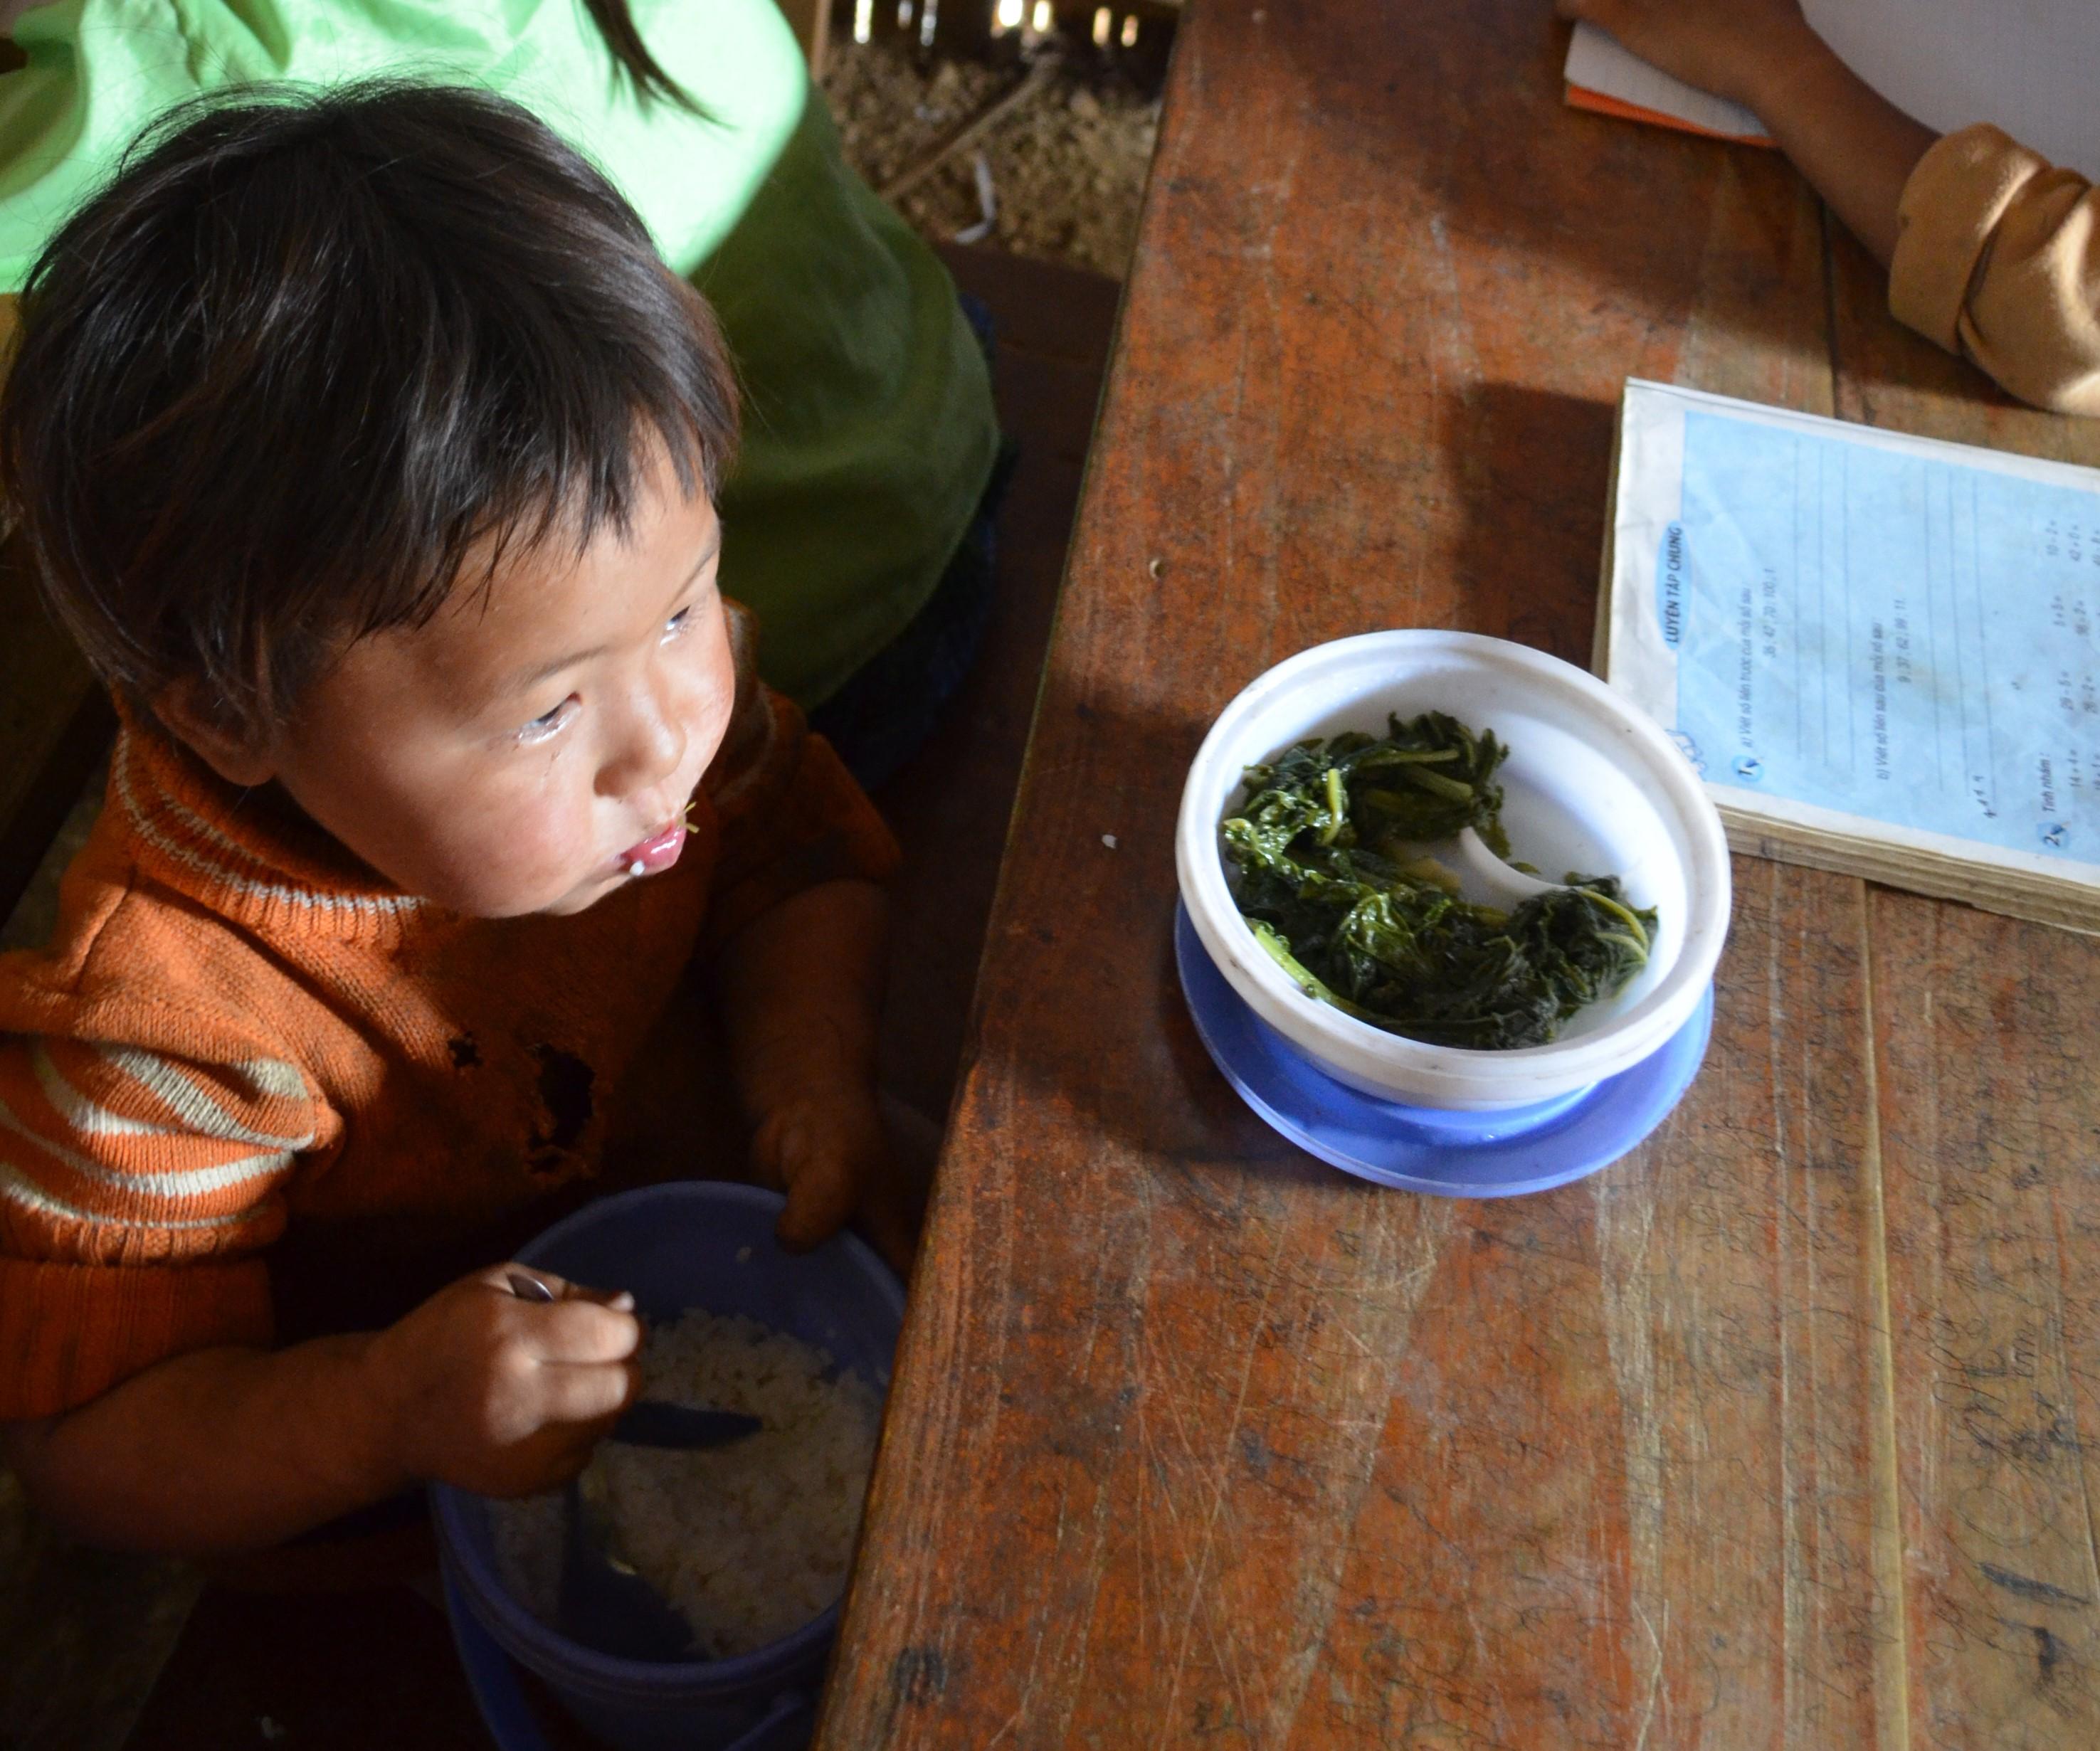 Đảm bảo chăm lo đời sống cho người nghèo dịp Tết, giáp hạt đầu năm 2019